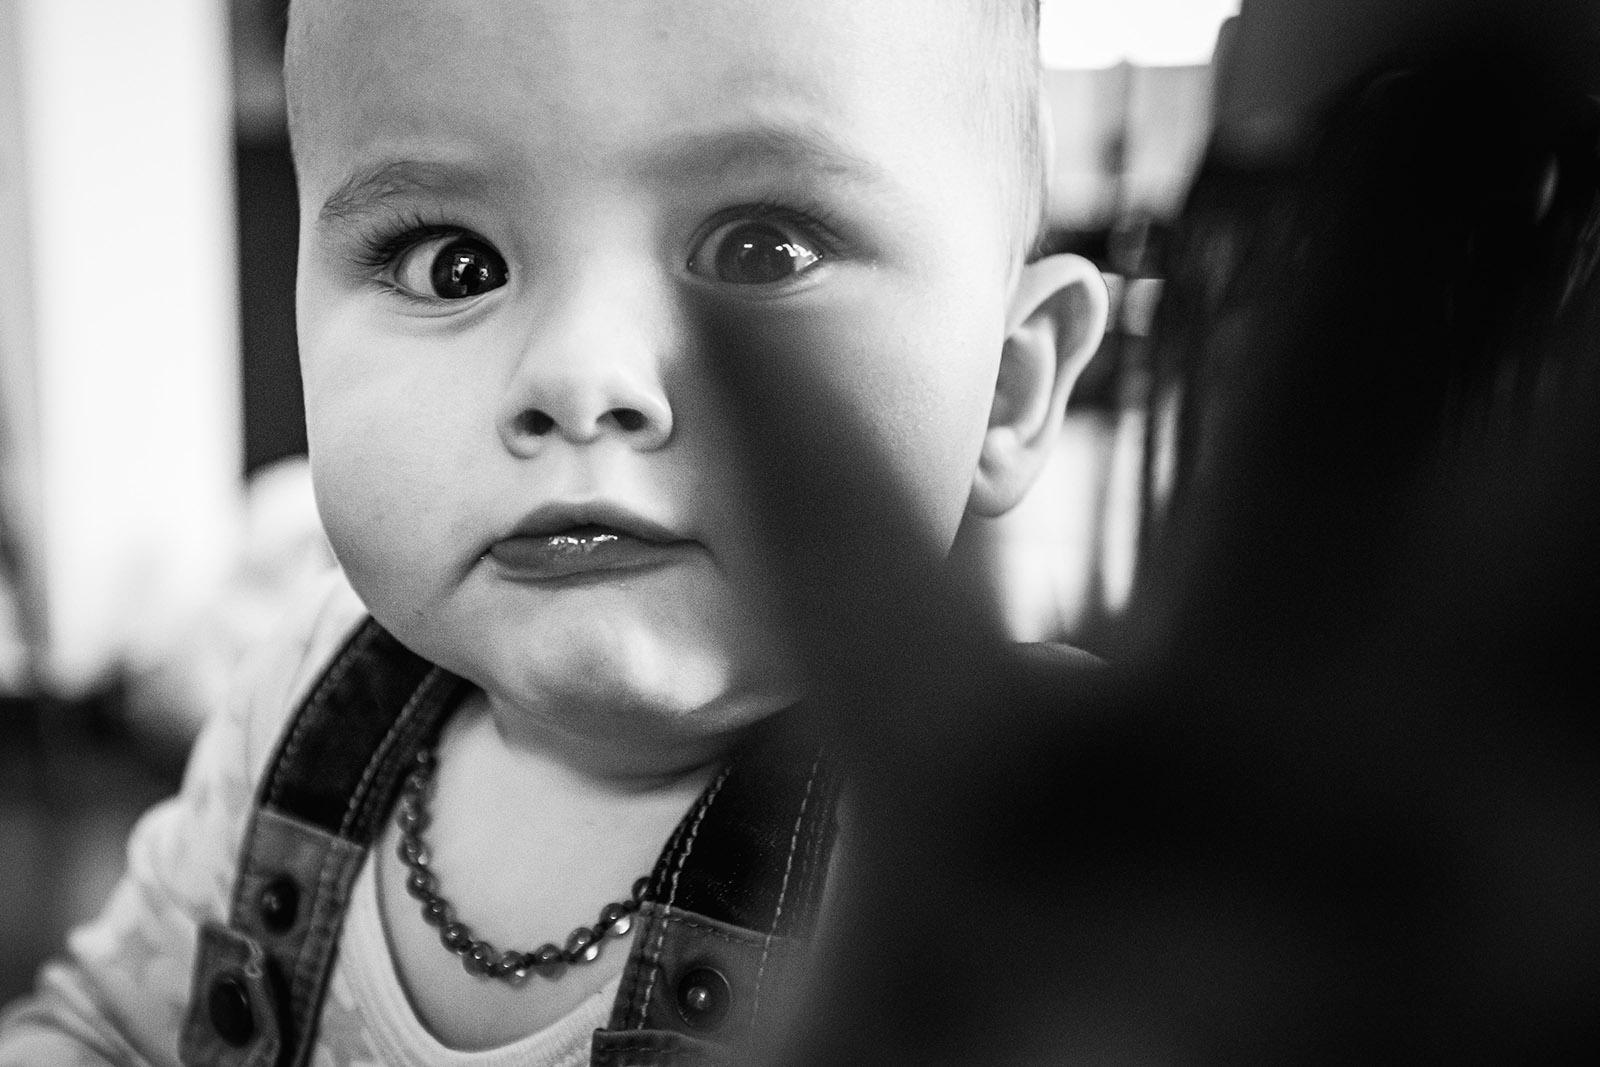 seance-photo-famille-enfant-elise-julliard-photographe-lyon-villefranche-sur-saone-auvergne-rhone-alpes-lifestyle-couple-bebe-jeux-2